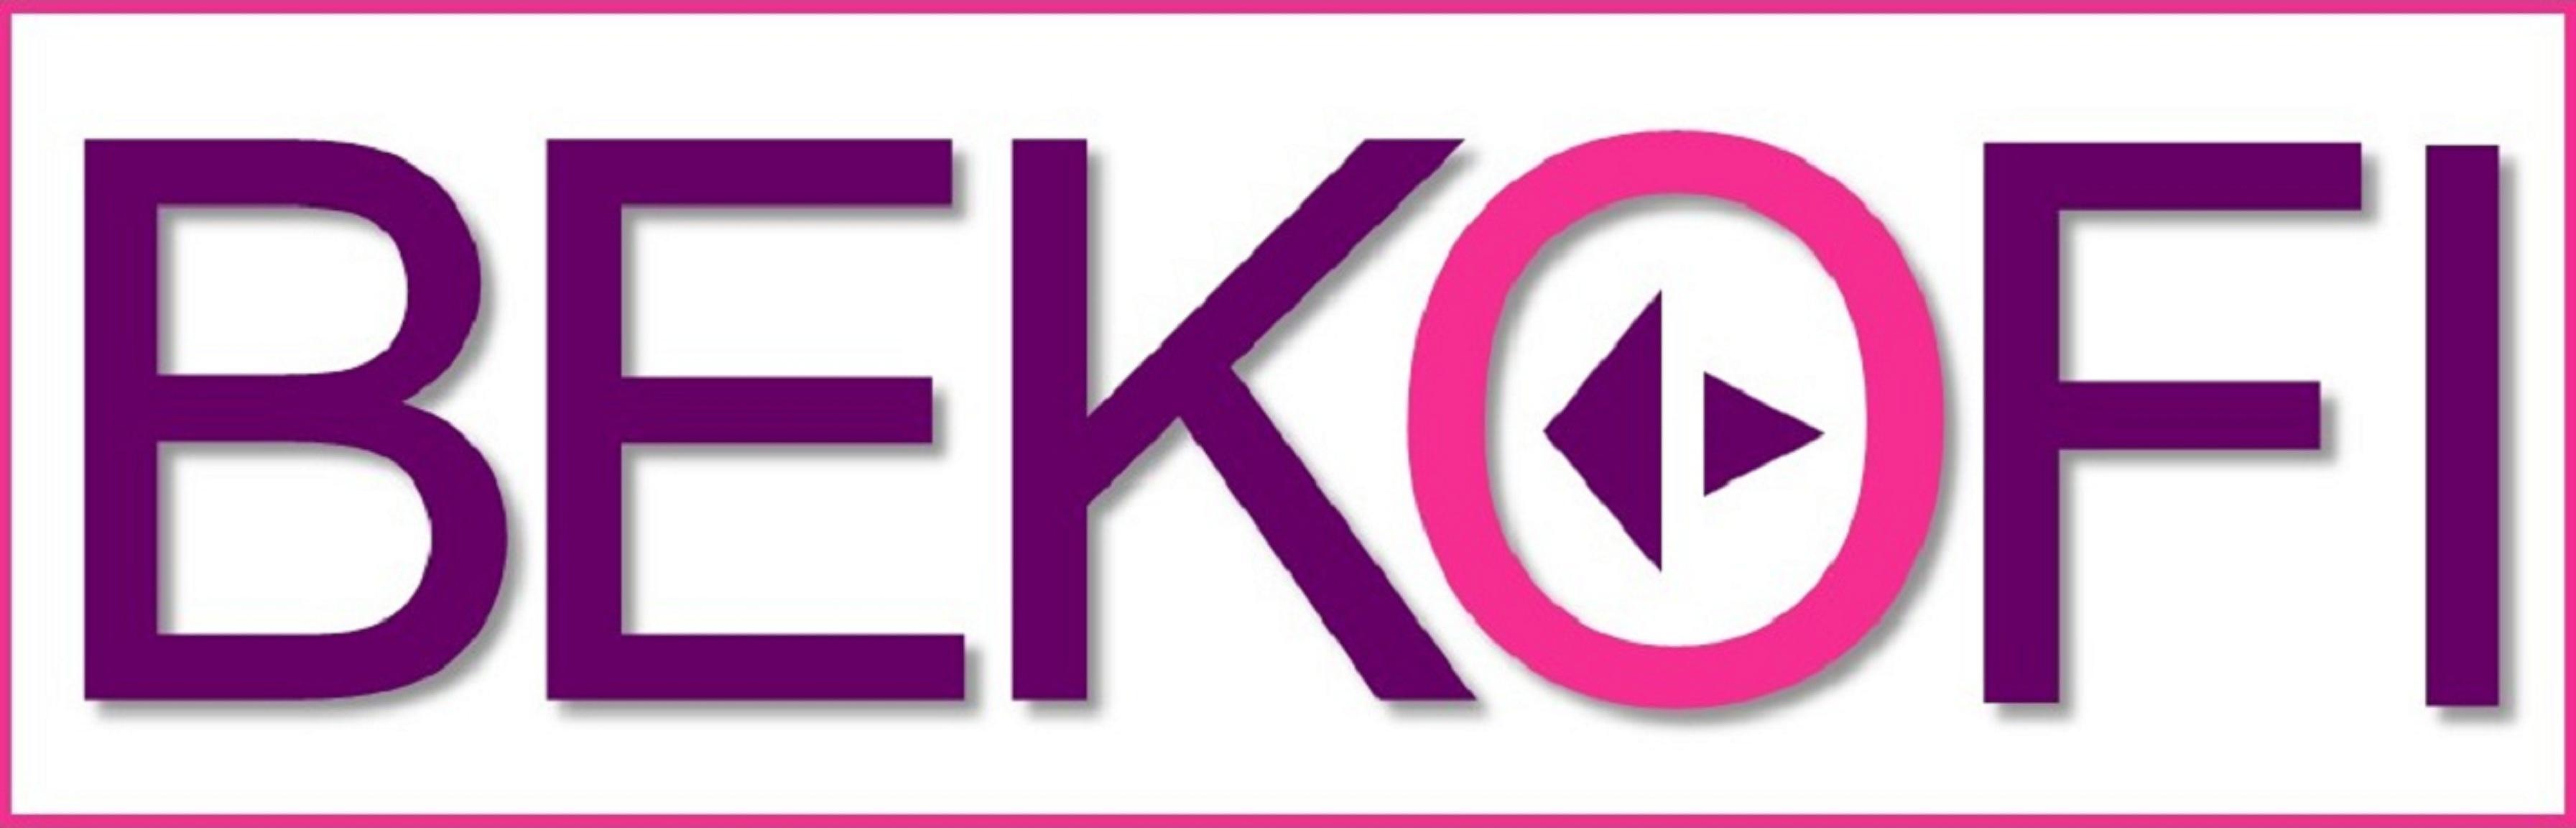 BEKOFI logo